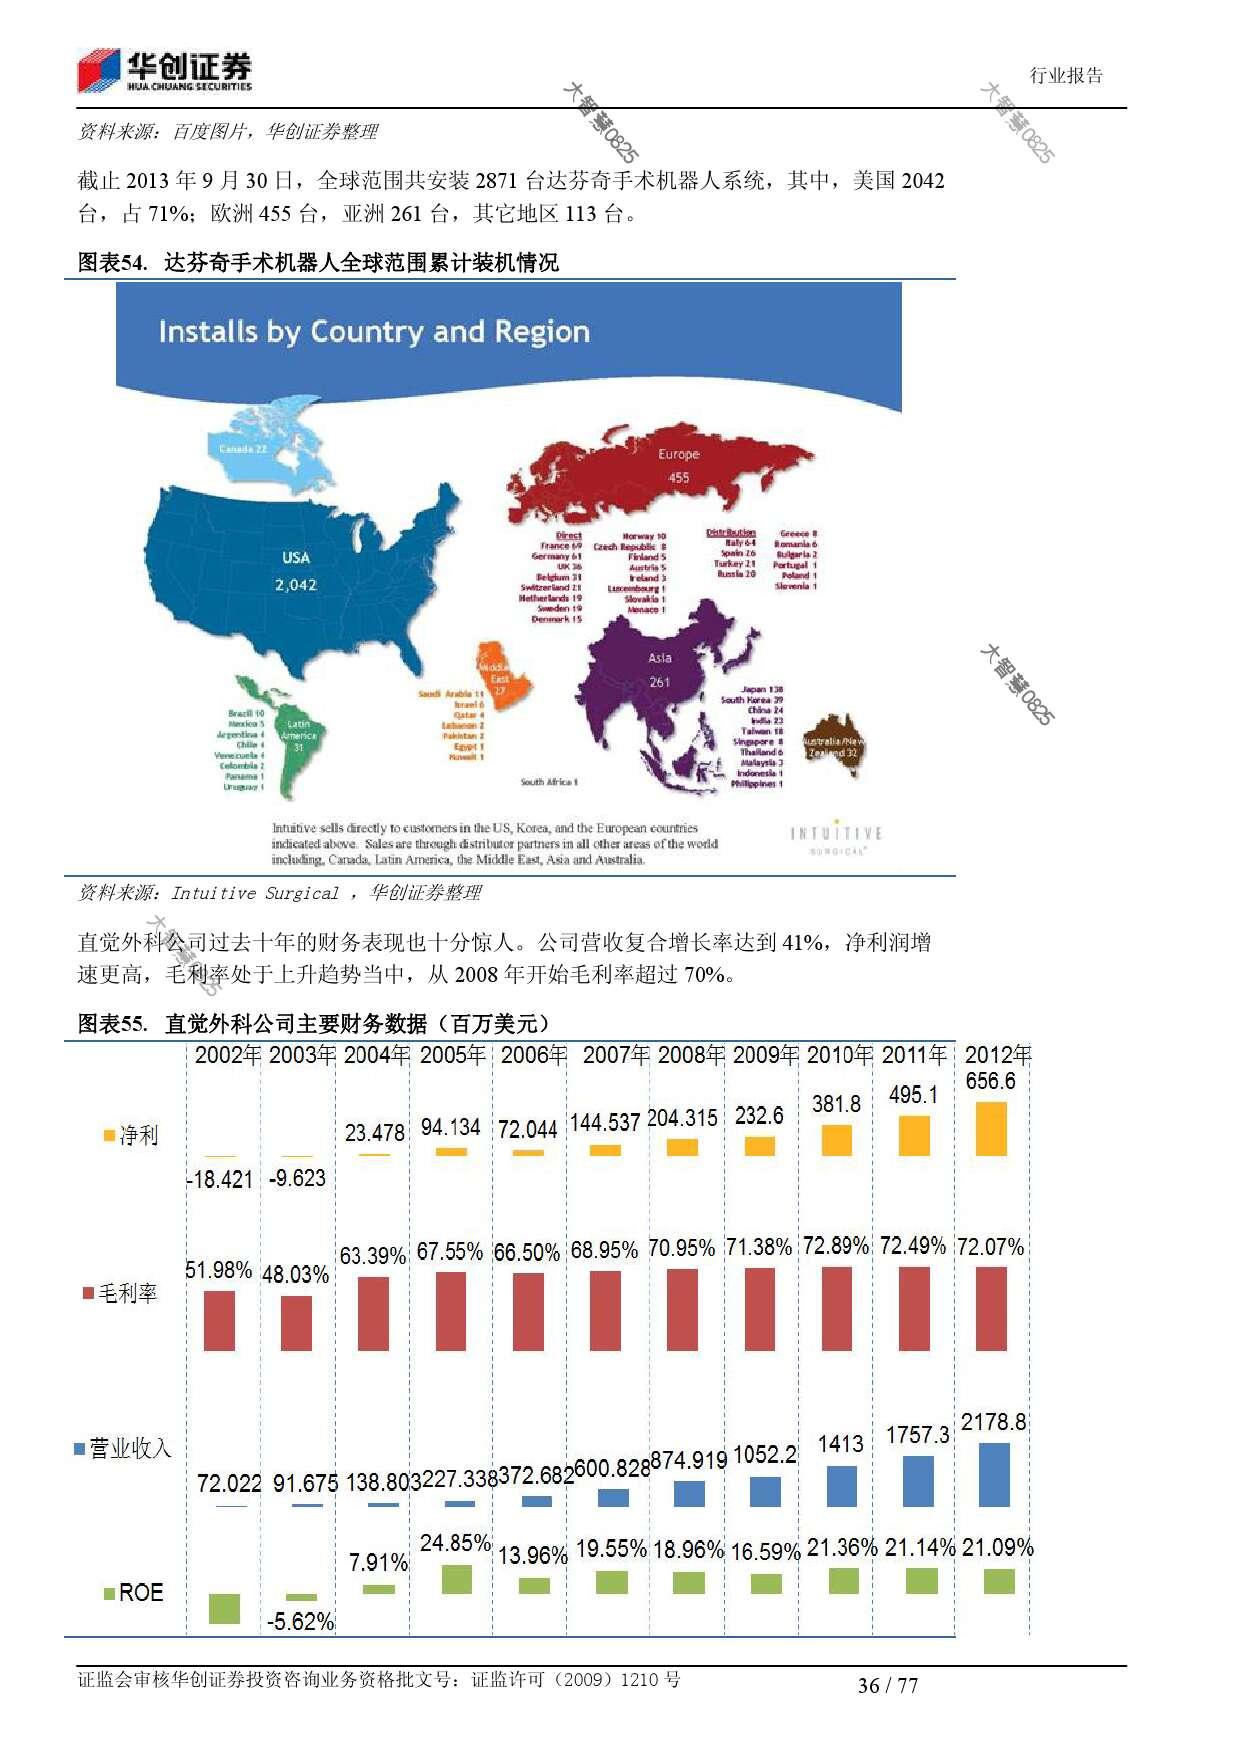 行业研究_华创证券_刘国清,鲁佩_机械设备:机器人大趋势_2014021_000036